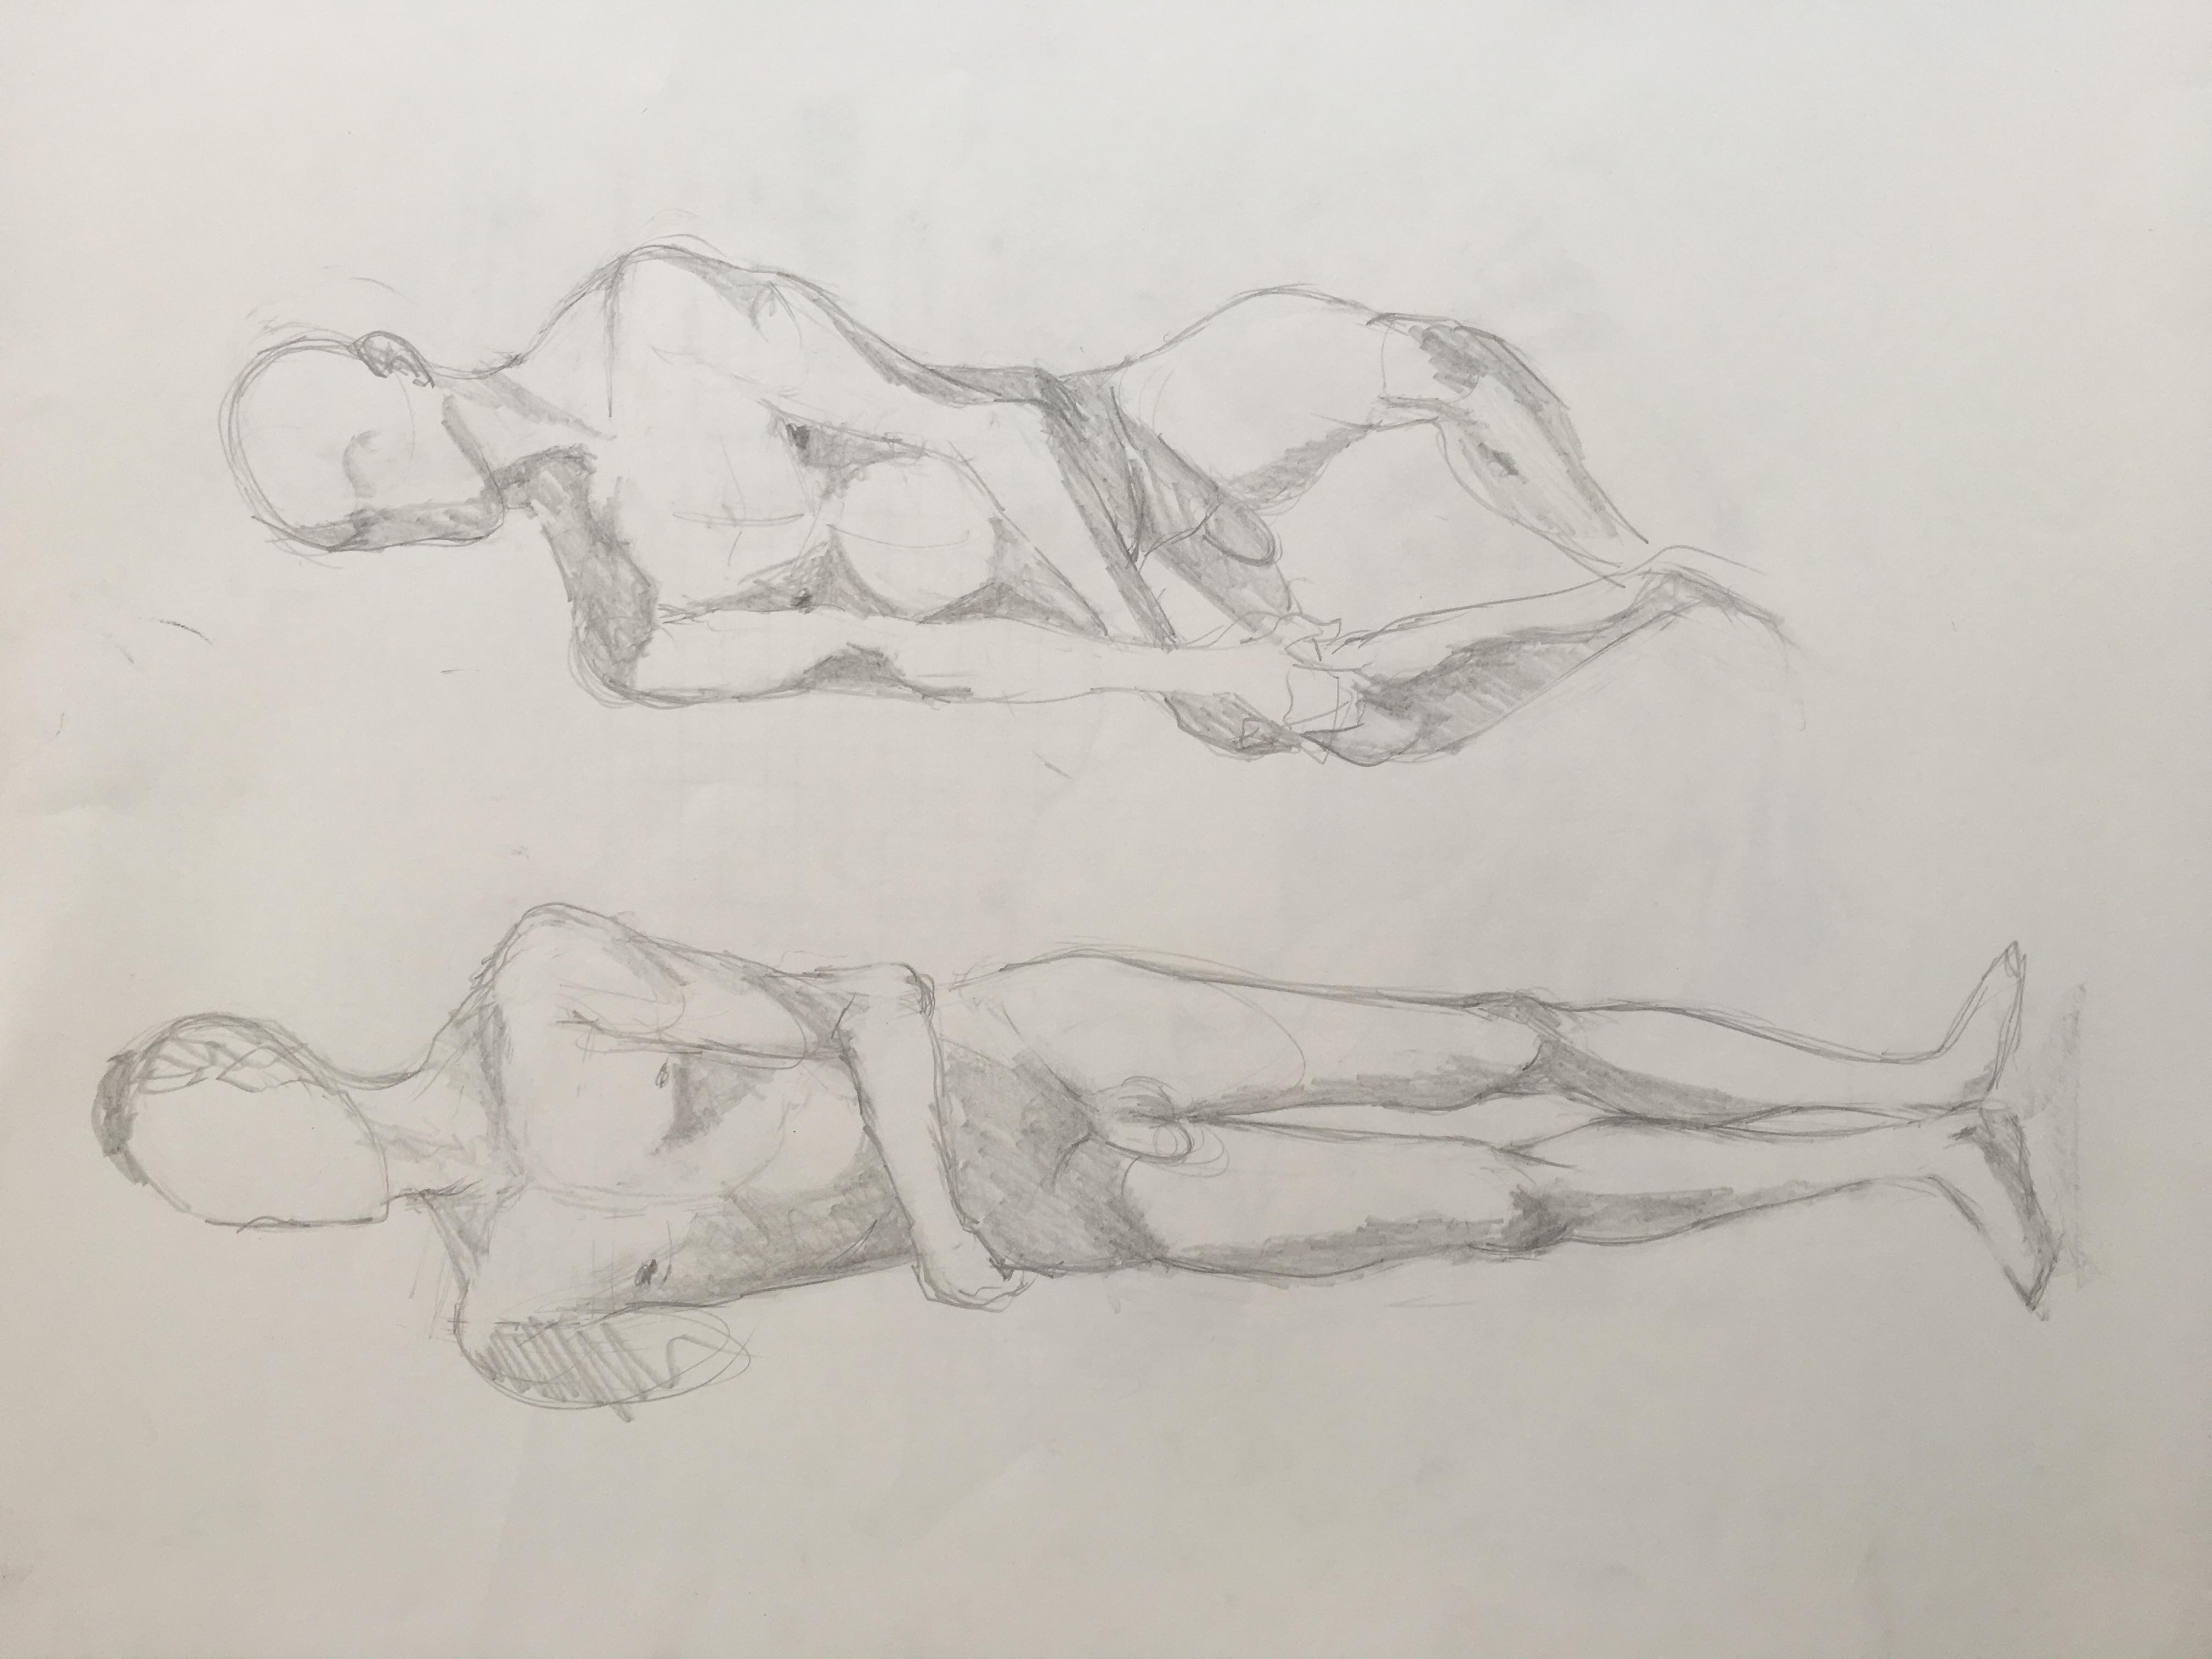 figures1